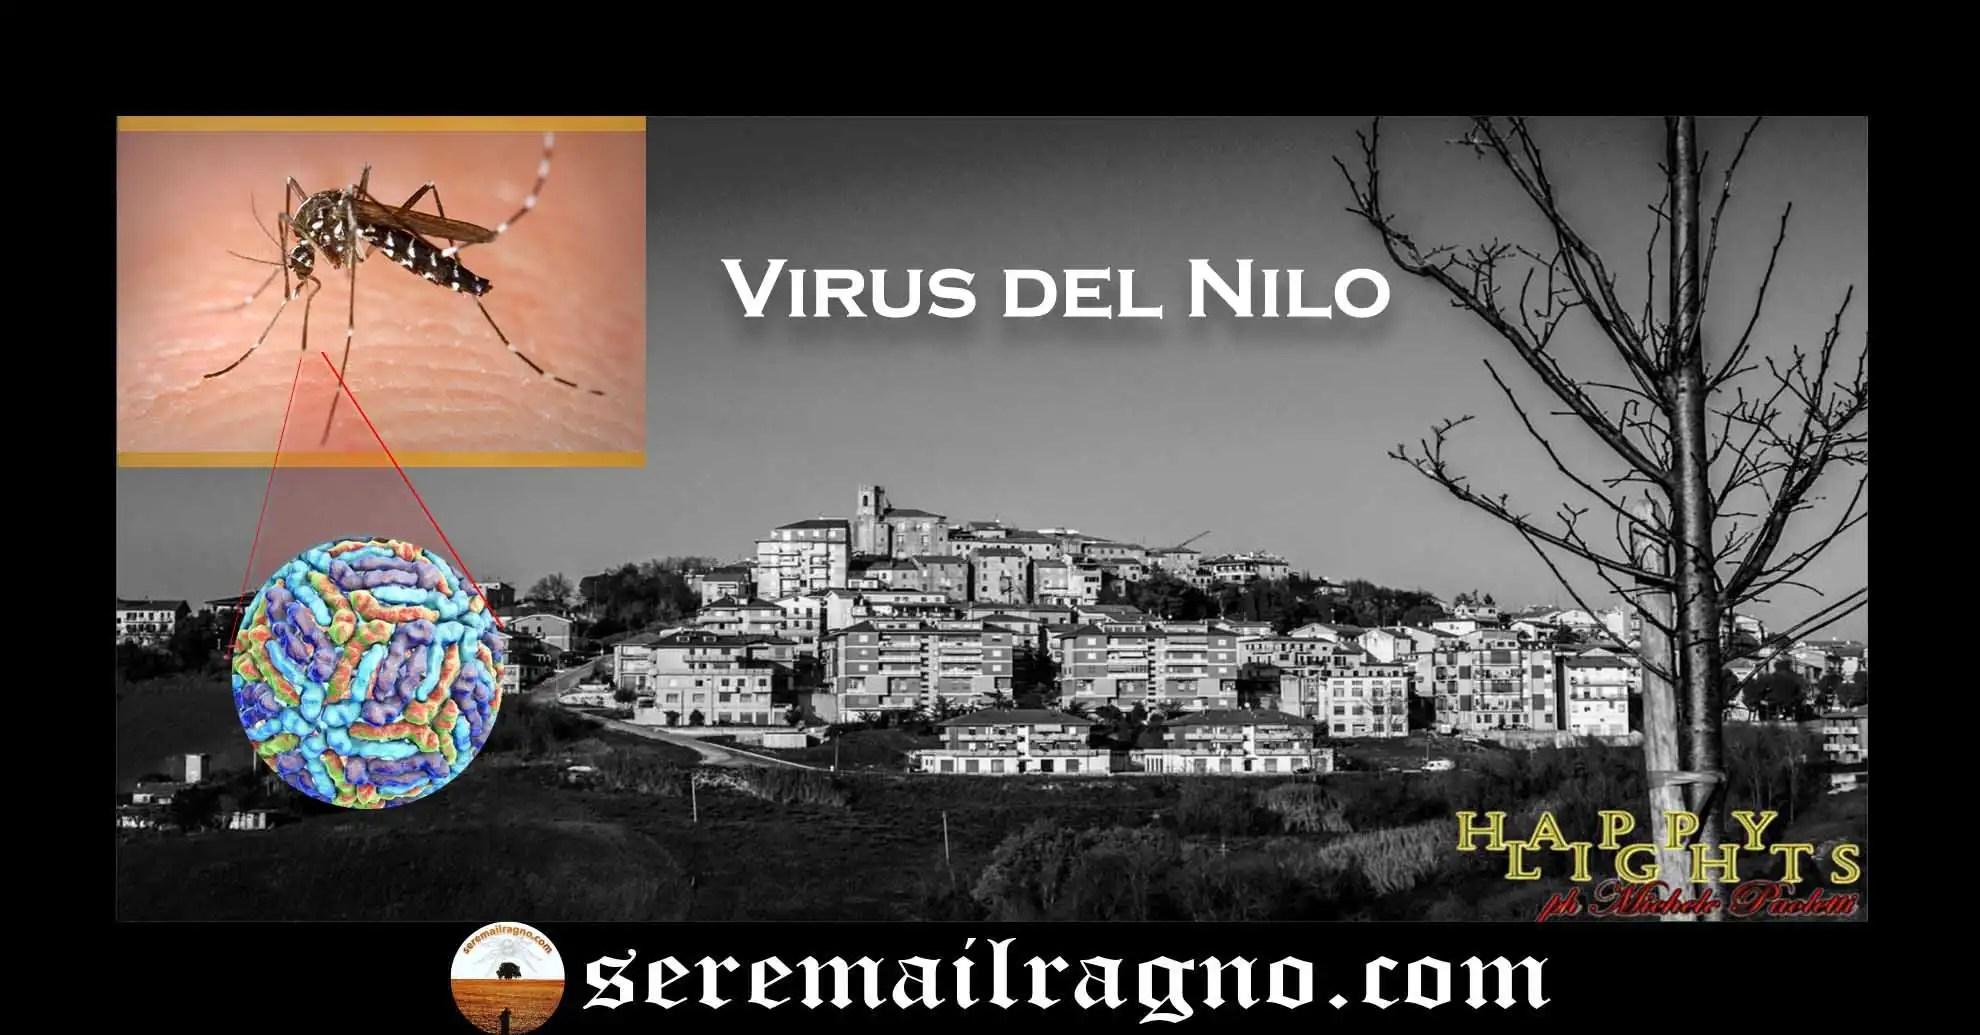 Monte Urano – Punto da un insetto, è stato contagiato dal virus del Nilo Occidentale